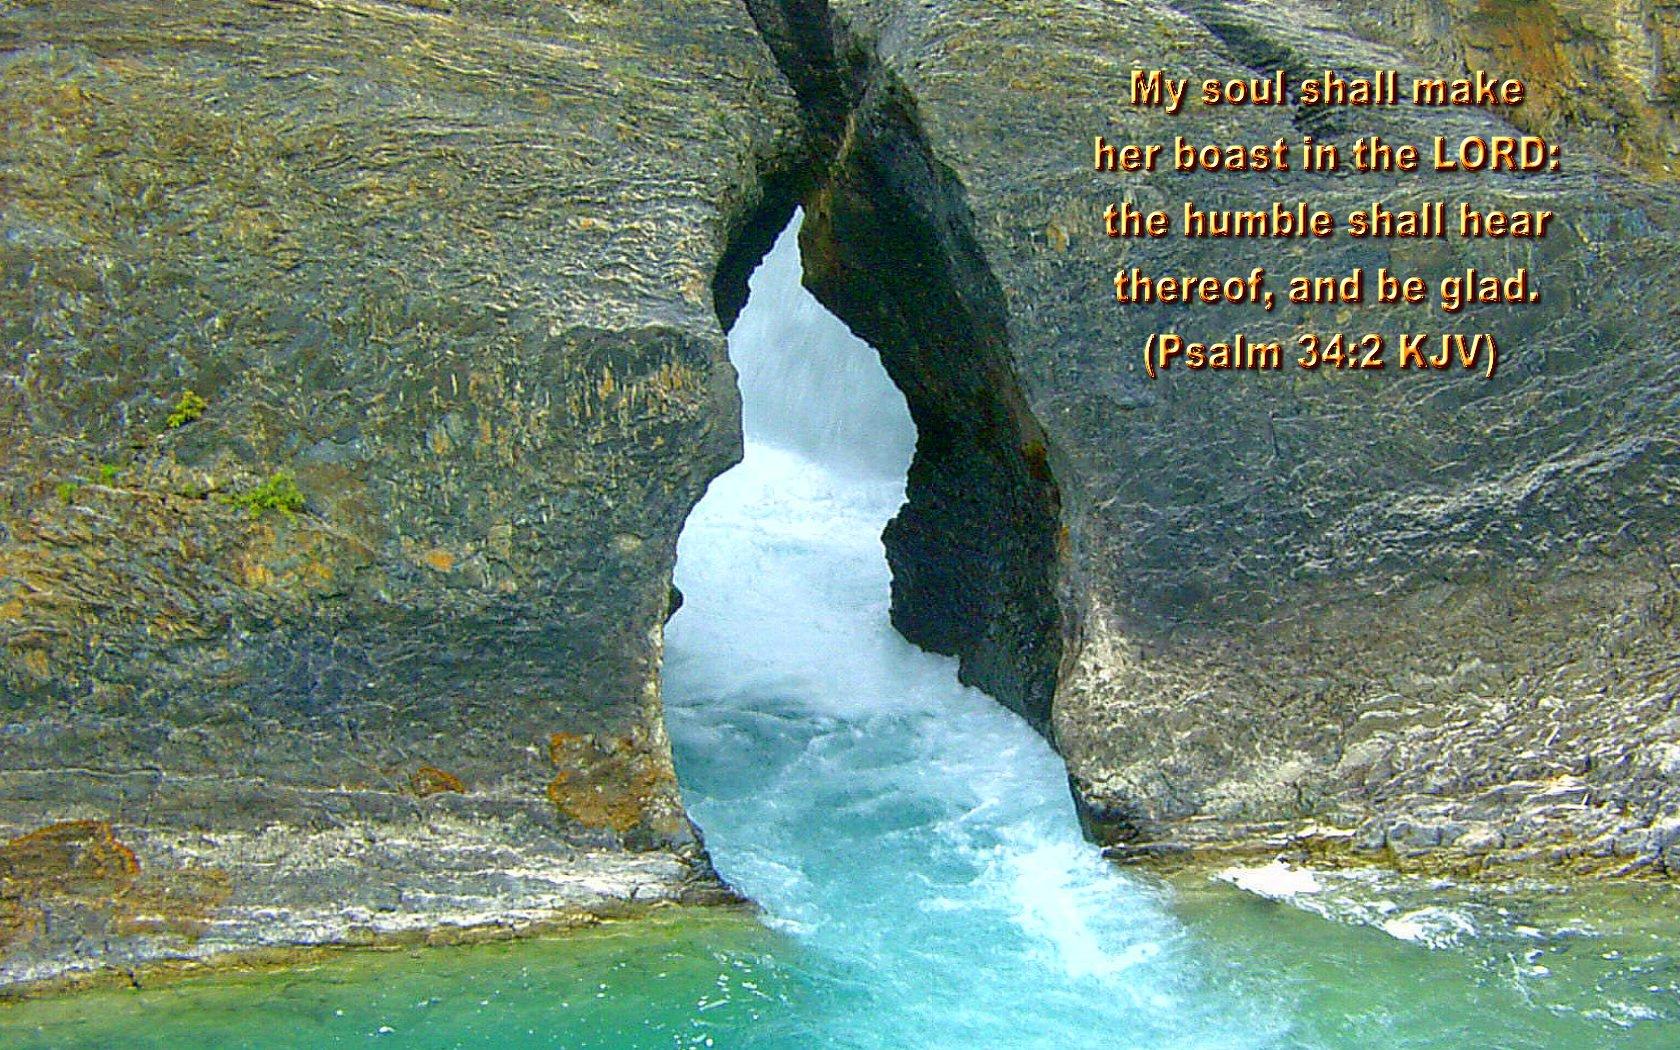 Bible verse screensaver wallpaper wallpapersafari - Full hd bible wallpapers ...